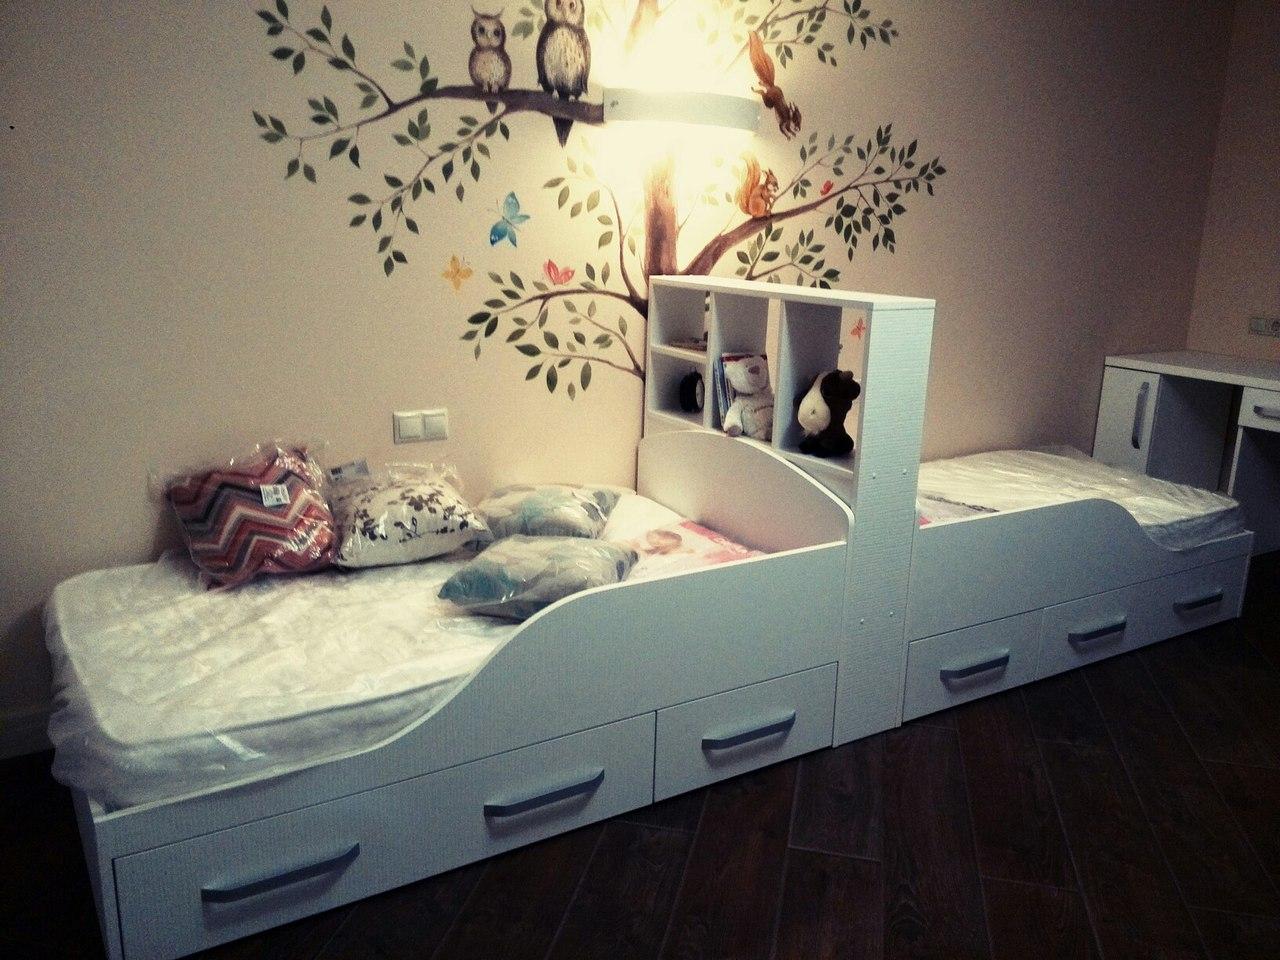 Кровати от Андрея Сергунова из Витебска